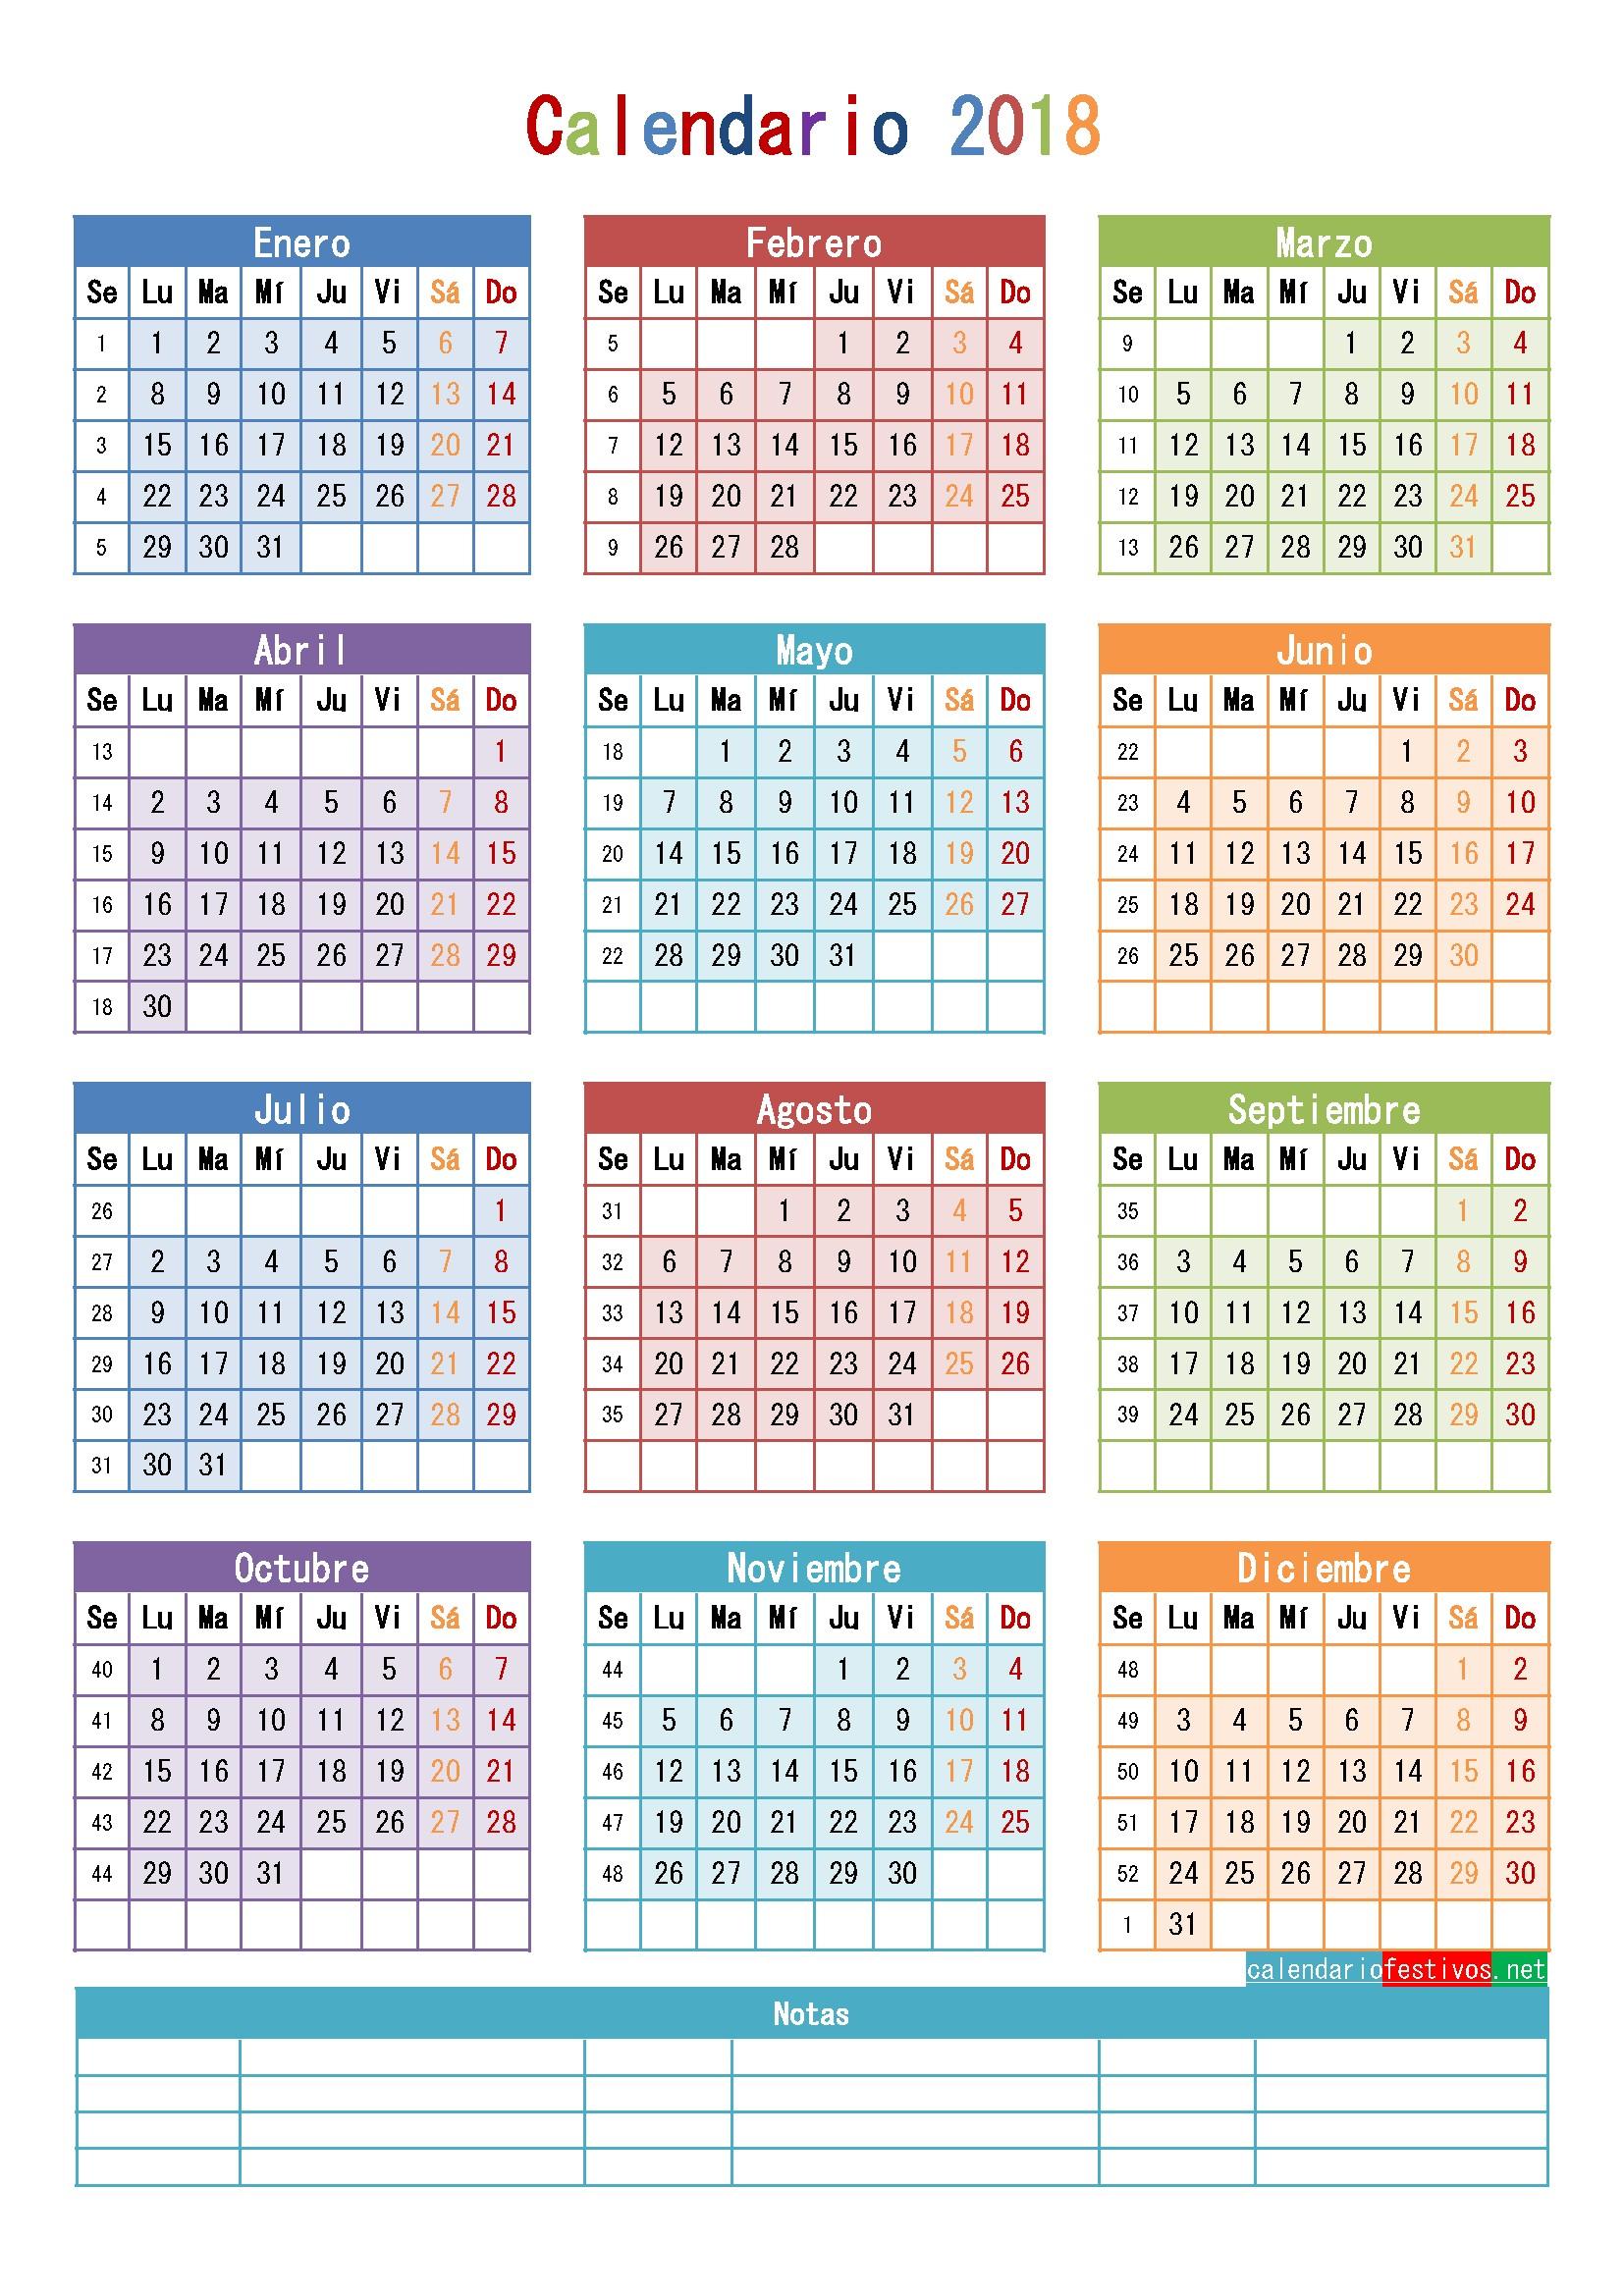 Calendario Anual 2017 Para Imprimir Word Mejores Y Más Novedosos Calendarios Para Imprimir 2018 Kordurorddiner Of Calendario Anual 2017 Para Imprimir Word Más Reciente Vuelta Al Cole 2017 100 Plantillas Y Horarios Gratis Para Imprimir